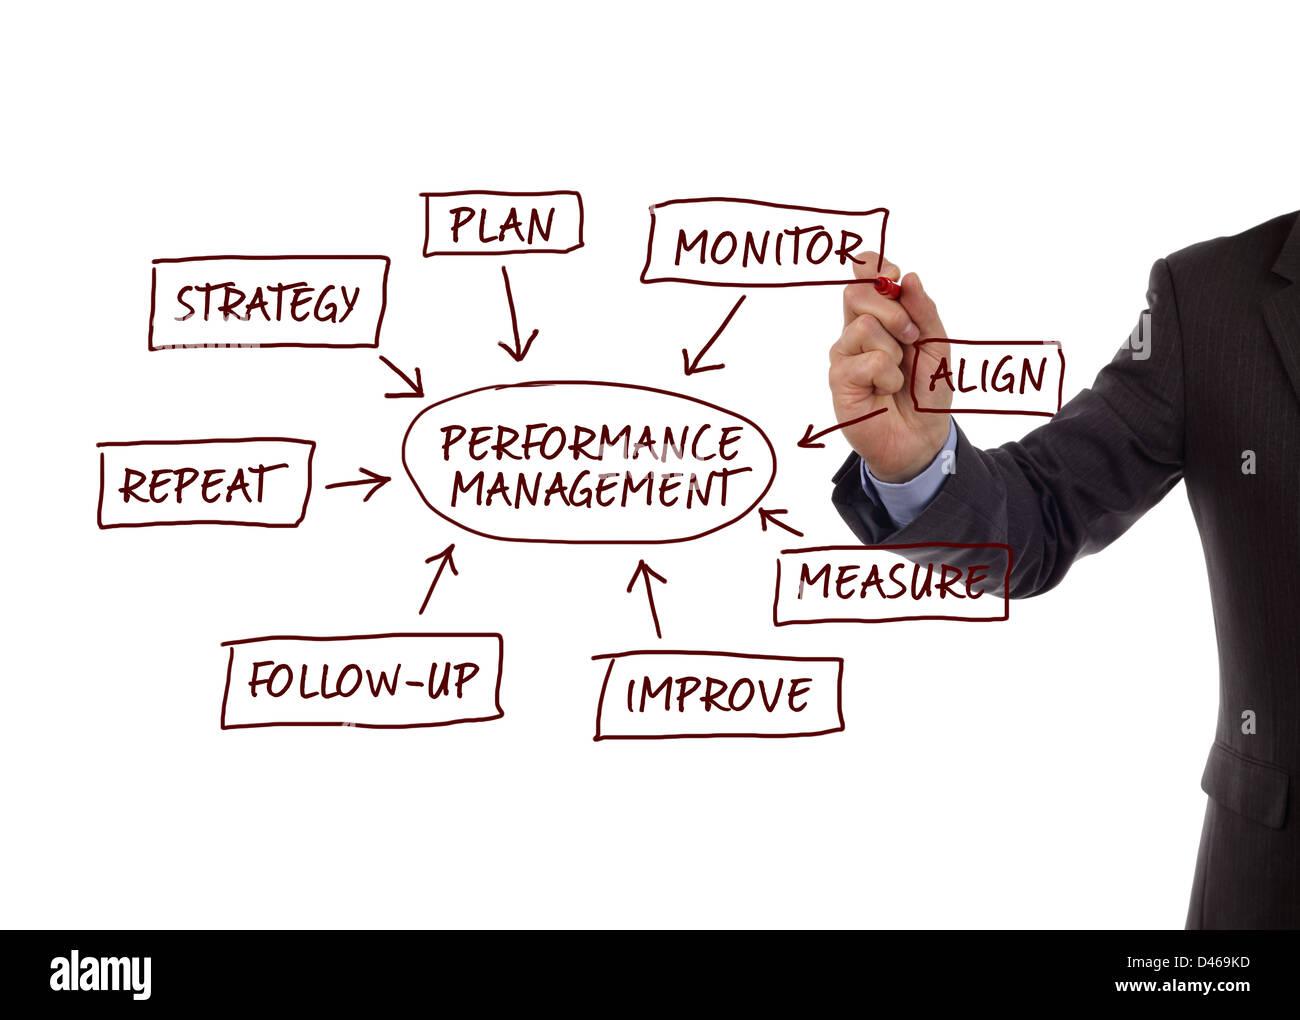 Diagramme de processus de gestion du rendement Banque D'Images